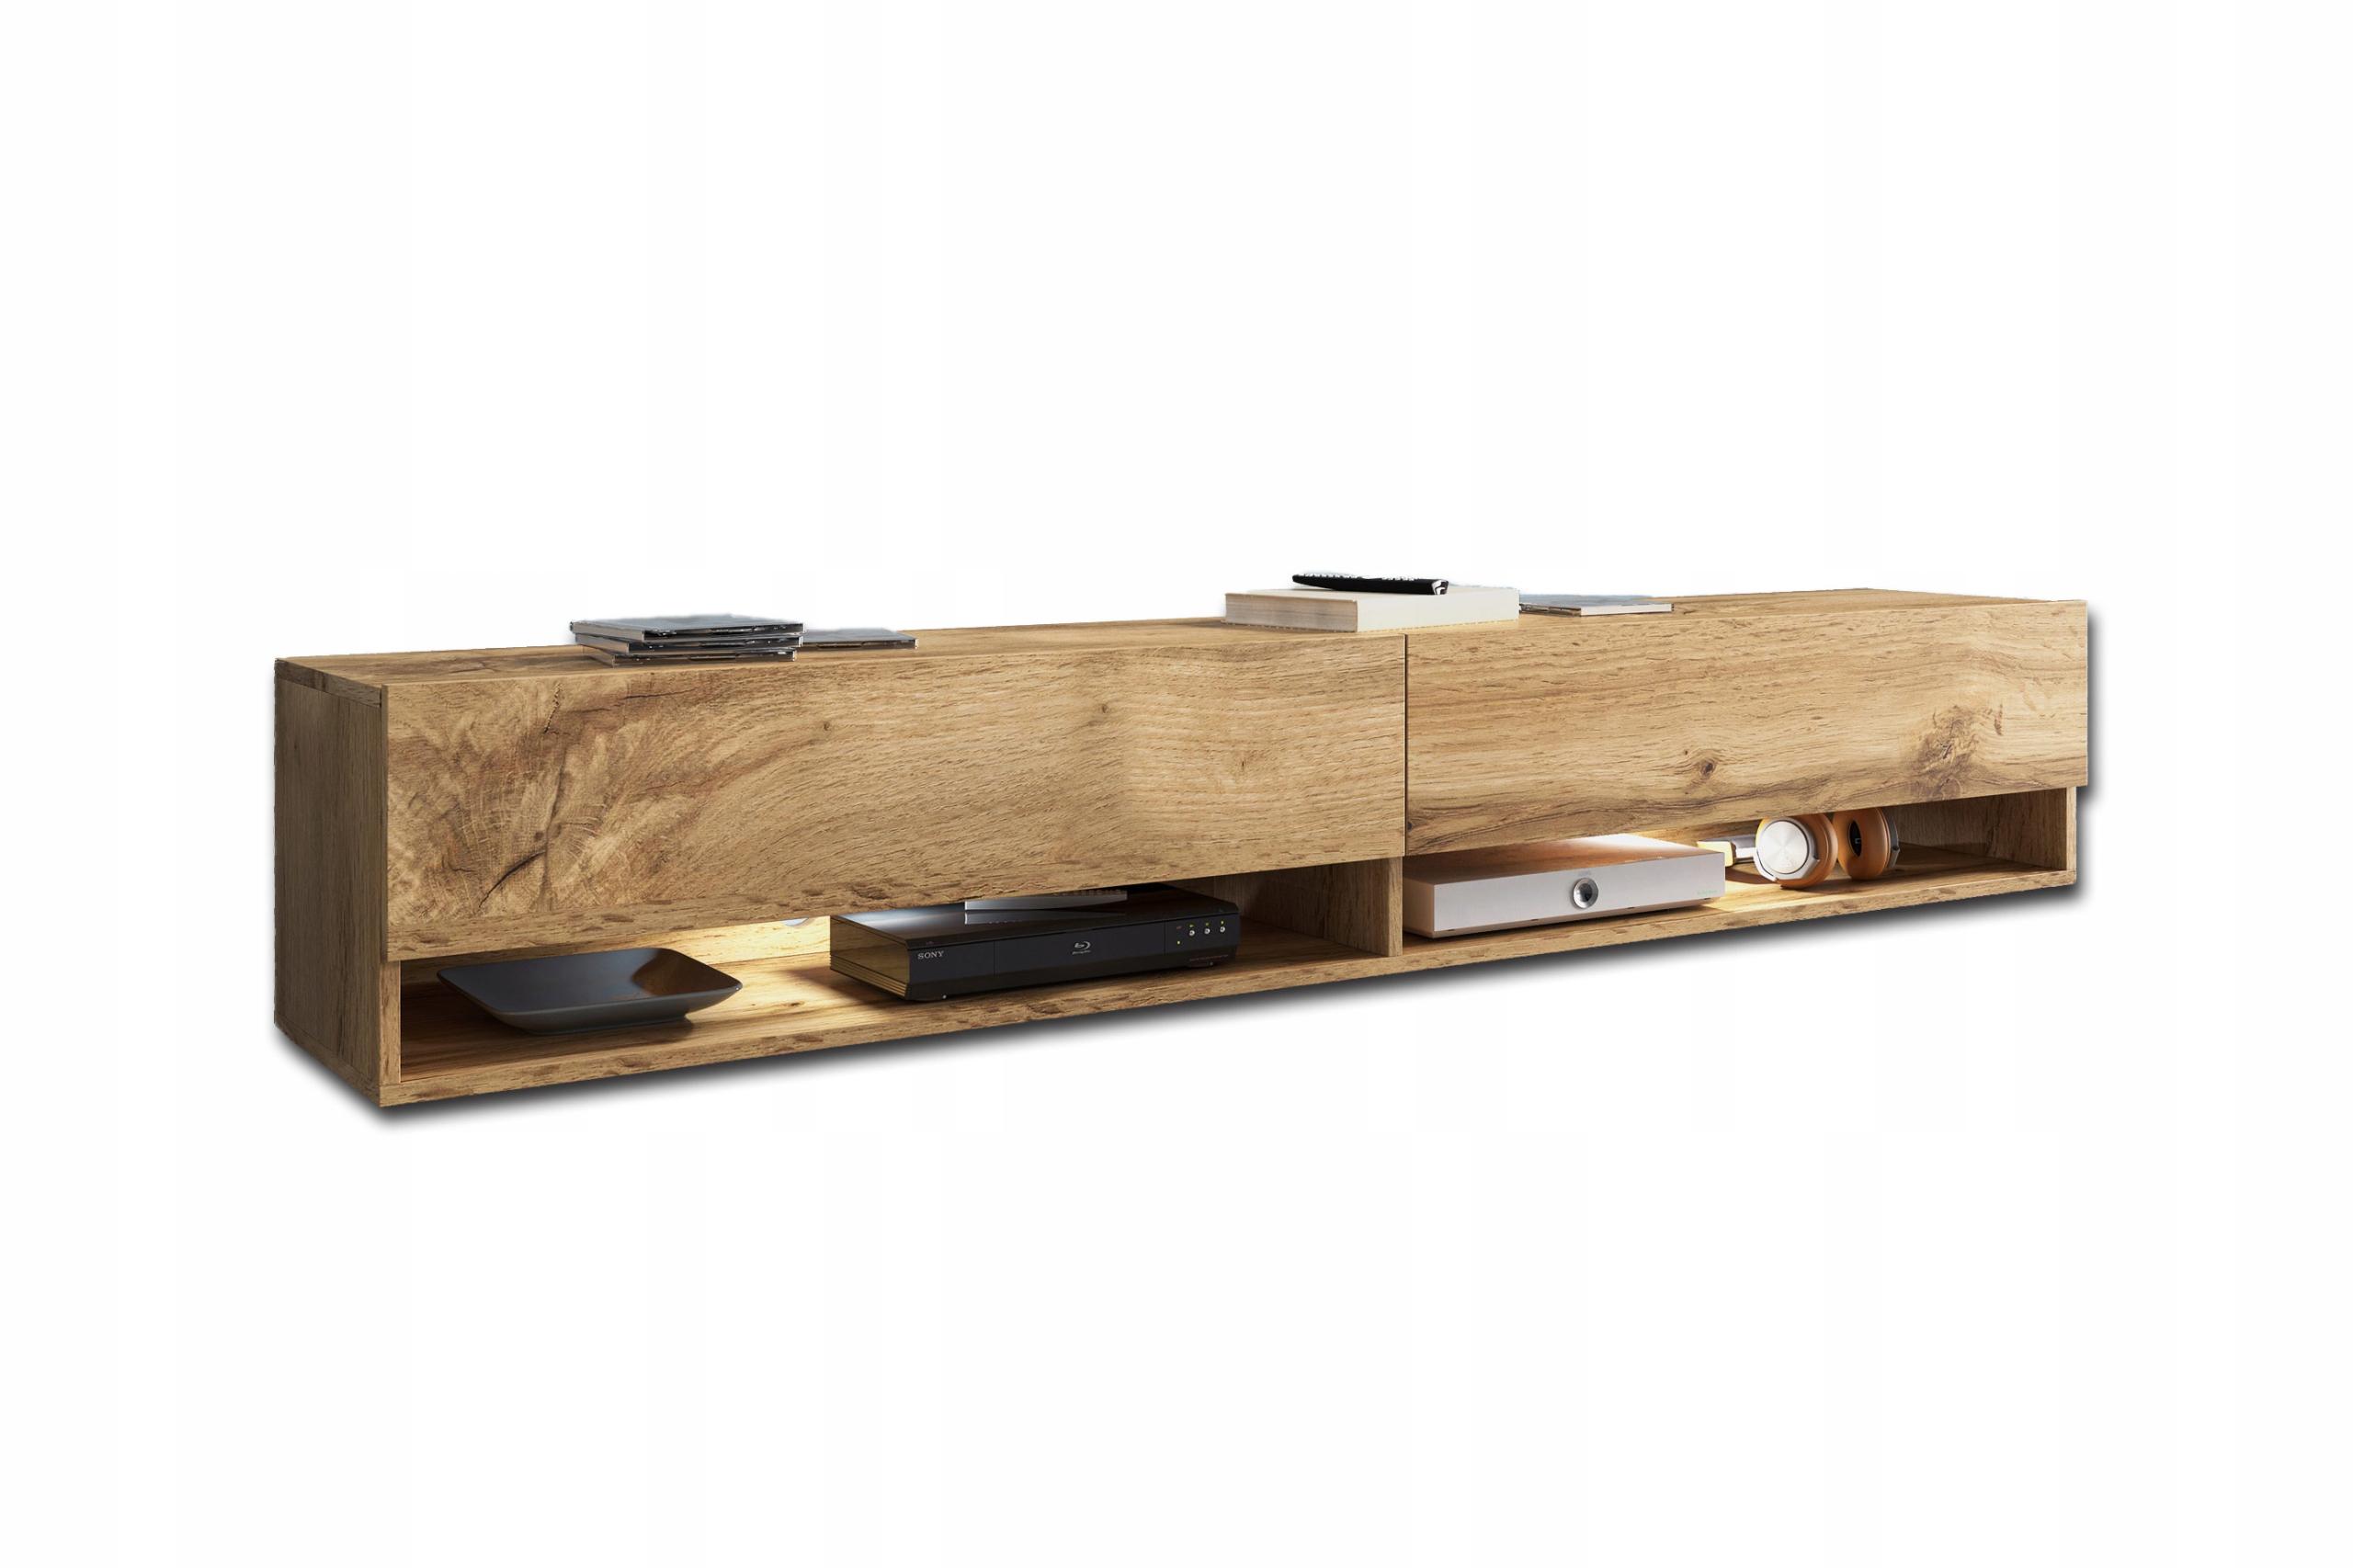 Lowboard APOLLO I, szafka RTV 180cm, półka pod tv